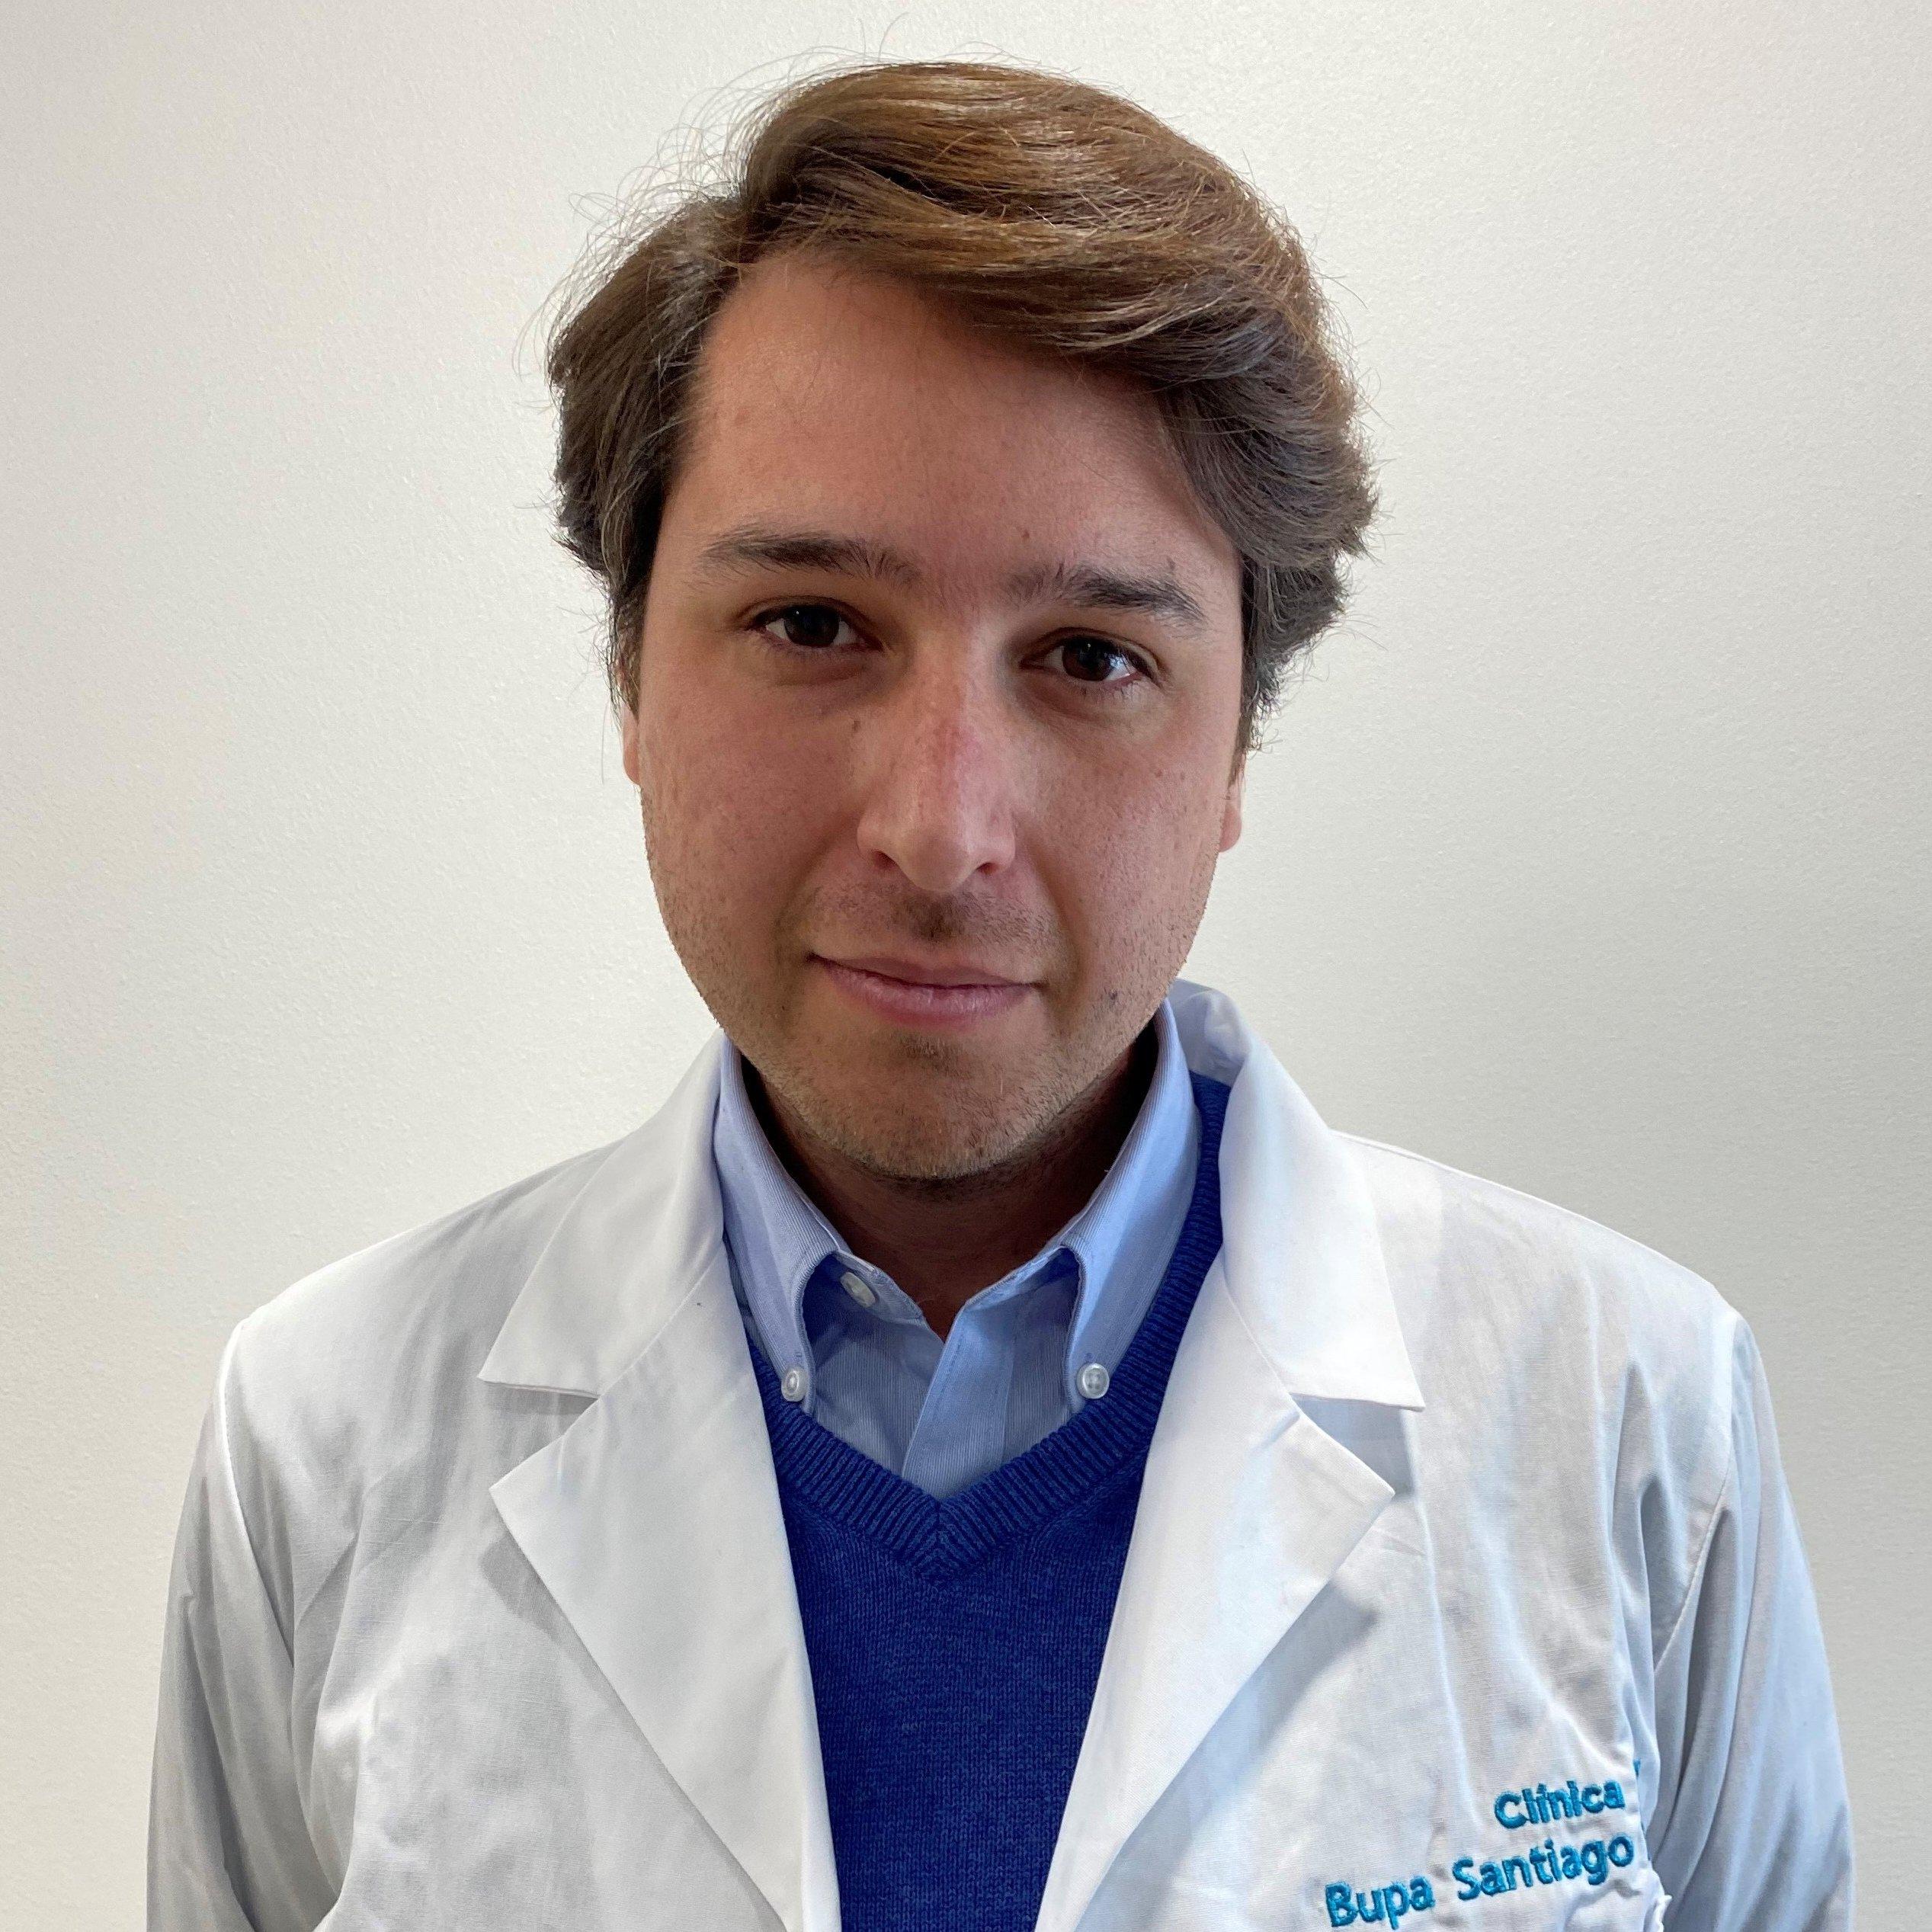 Dr. Matías Moreno